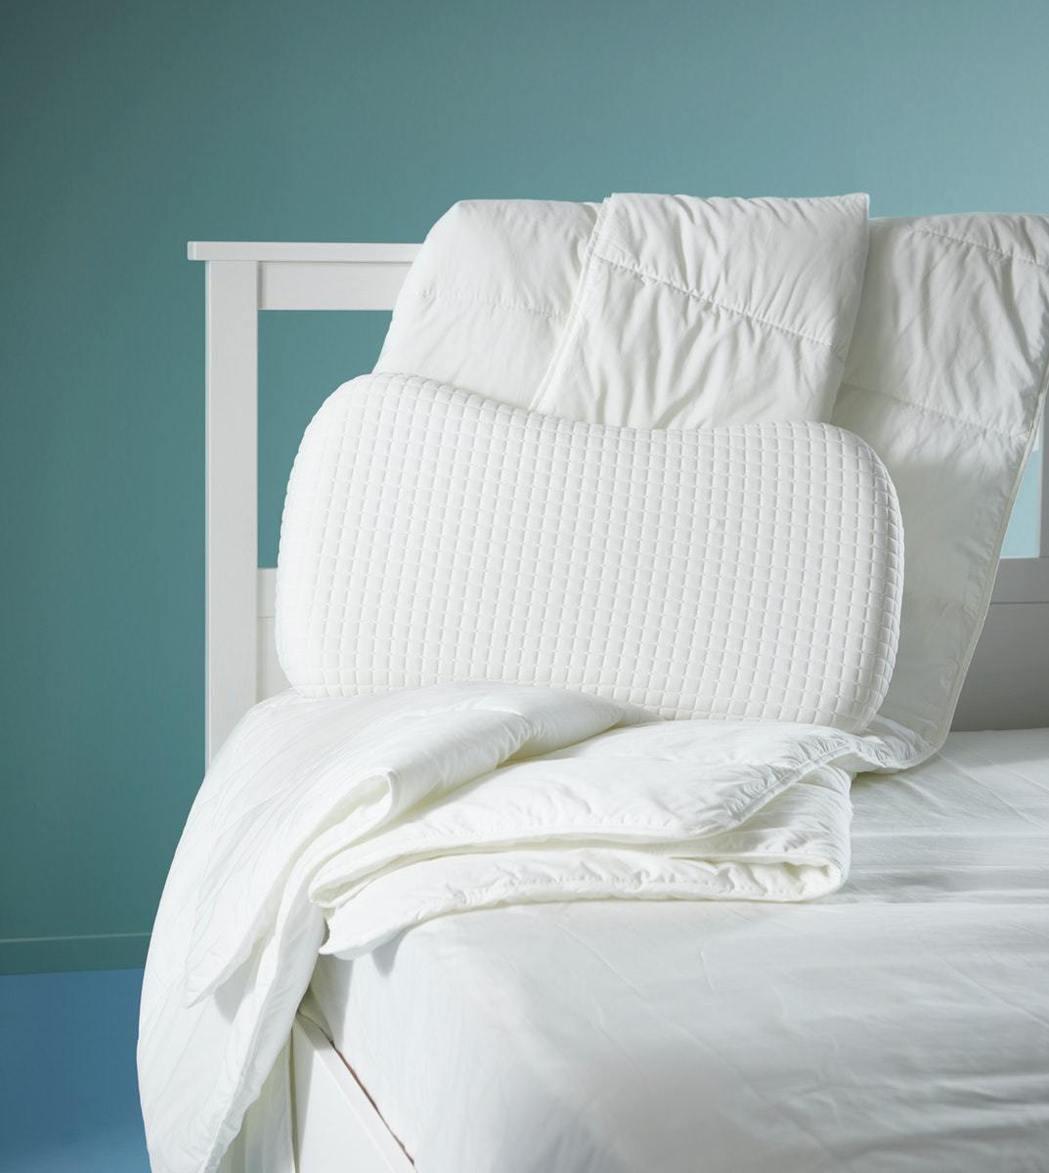 IKEA推出涼感舒眠寢具,採用透氣的天然材質,外層特殊的凝膠能有效減緩體溫上升。...